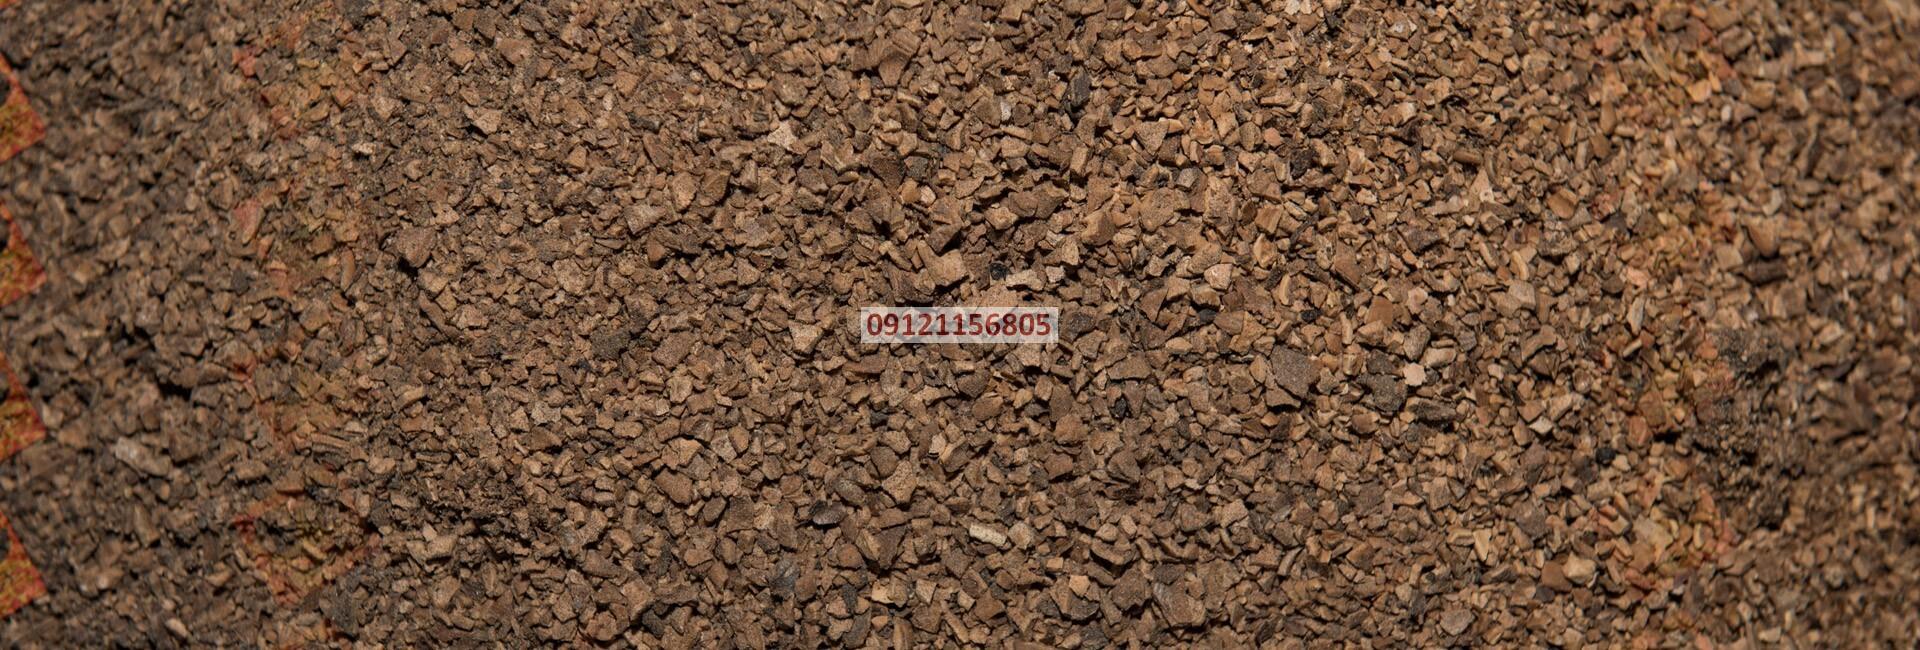 هات زغال، عرضه کننده مواد اولیه